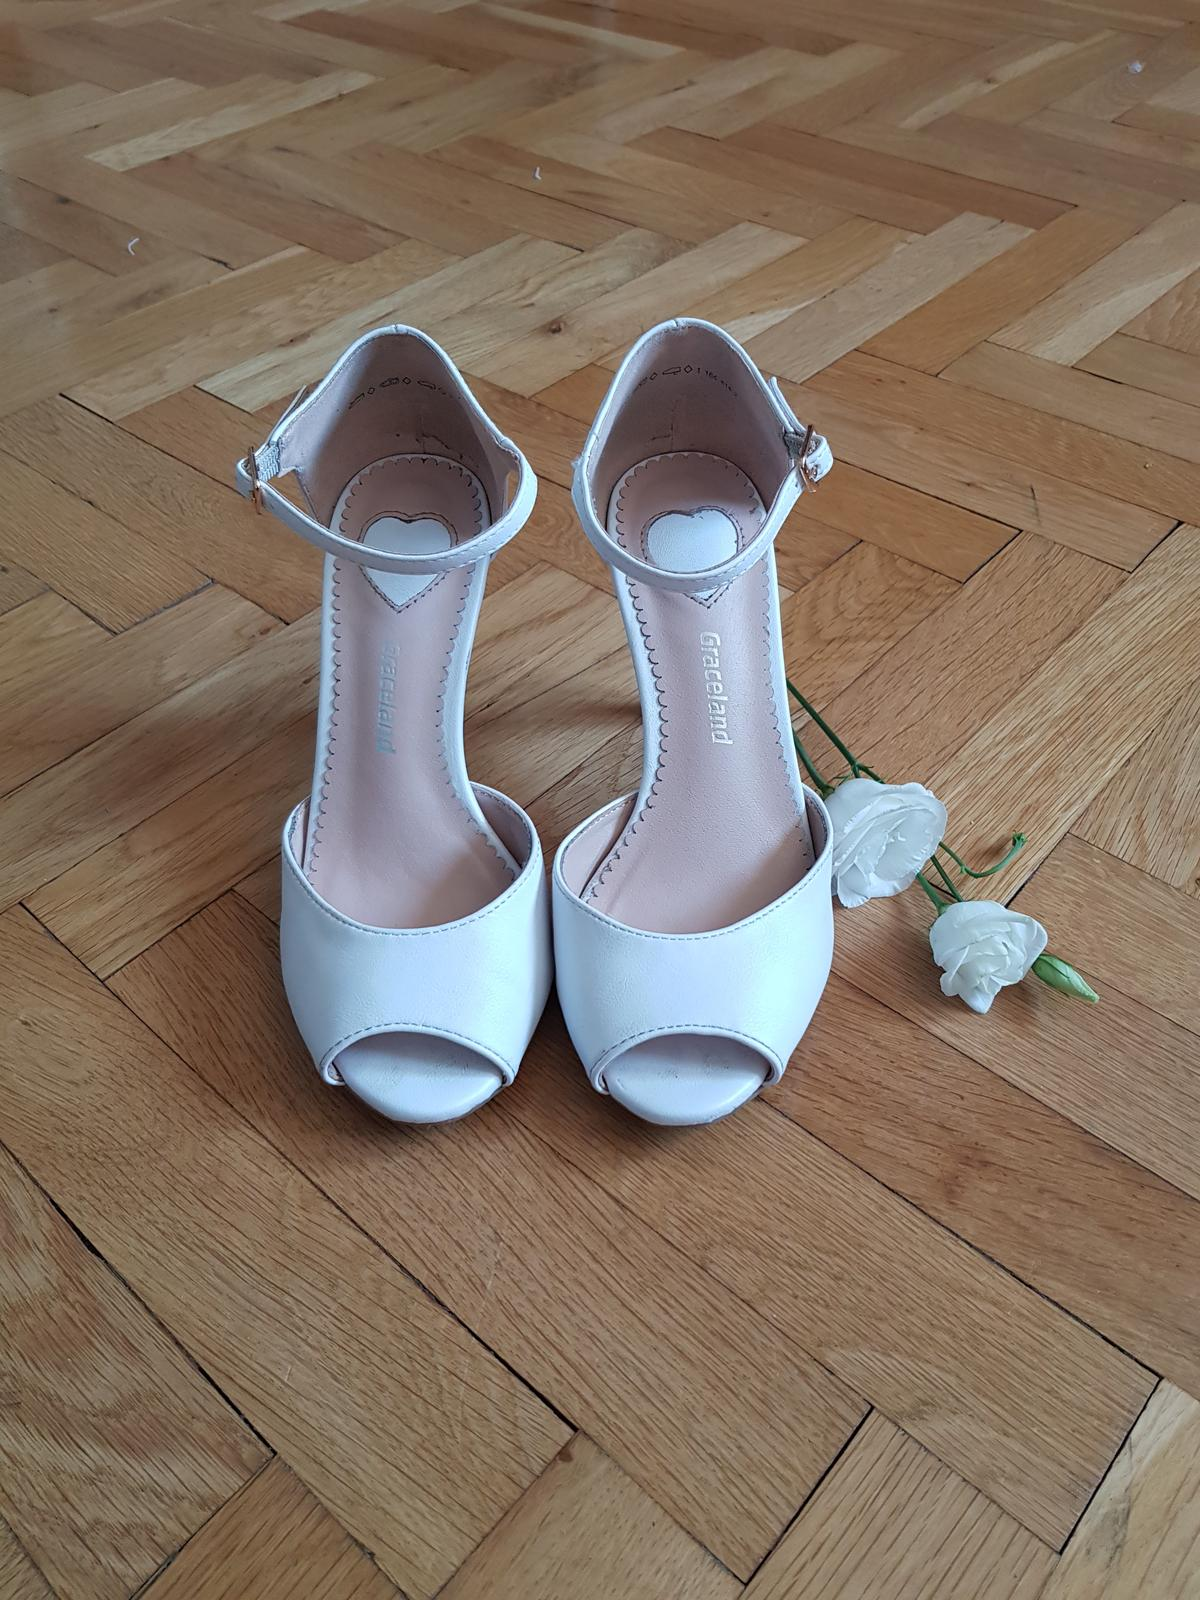 Svadobné pohodlné topánky - Obrázok č. 1